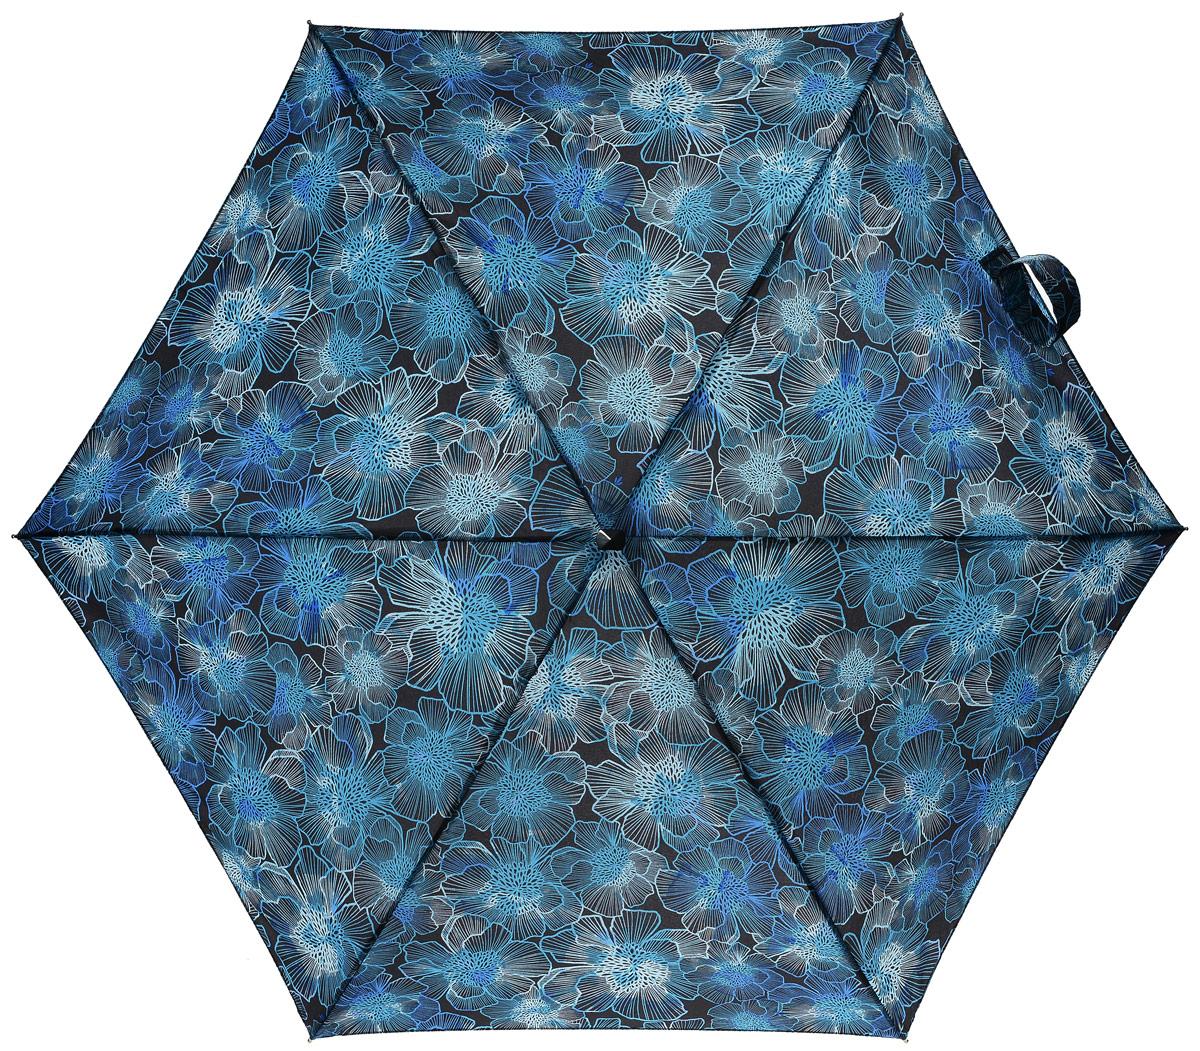 Зонт женский механика Fulton, расцветка: расцветкаы. L501-3024 ElectricFlowerL501-3024 ElectricFlowerСуперкомпактный синий женский зонт «Цветы», механика, Electric Flower, tiny-2, L501 5F3024, Fulton Зонт в карман, и это не преувеличение. Весит 160 г и не заставит сожалеть о том, что дождь, под который его брали, так и не пролился. Купол рассчитан на одного человека, в сложенном состоянии зонт принимает четырехгранную форму и компактно располагается в кармане, сумочке, дверке автомобиля. Чехол с дополнительной впитывающей подкладкой защитит одежду и сумку от влаги. Рисунок ткани универсальный, хорошо сочетаемый с цветом верхней одежды. У зонта прочная, ветроустойчивая конструкция.